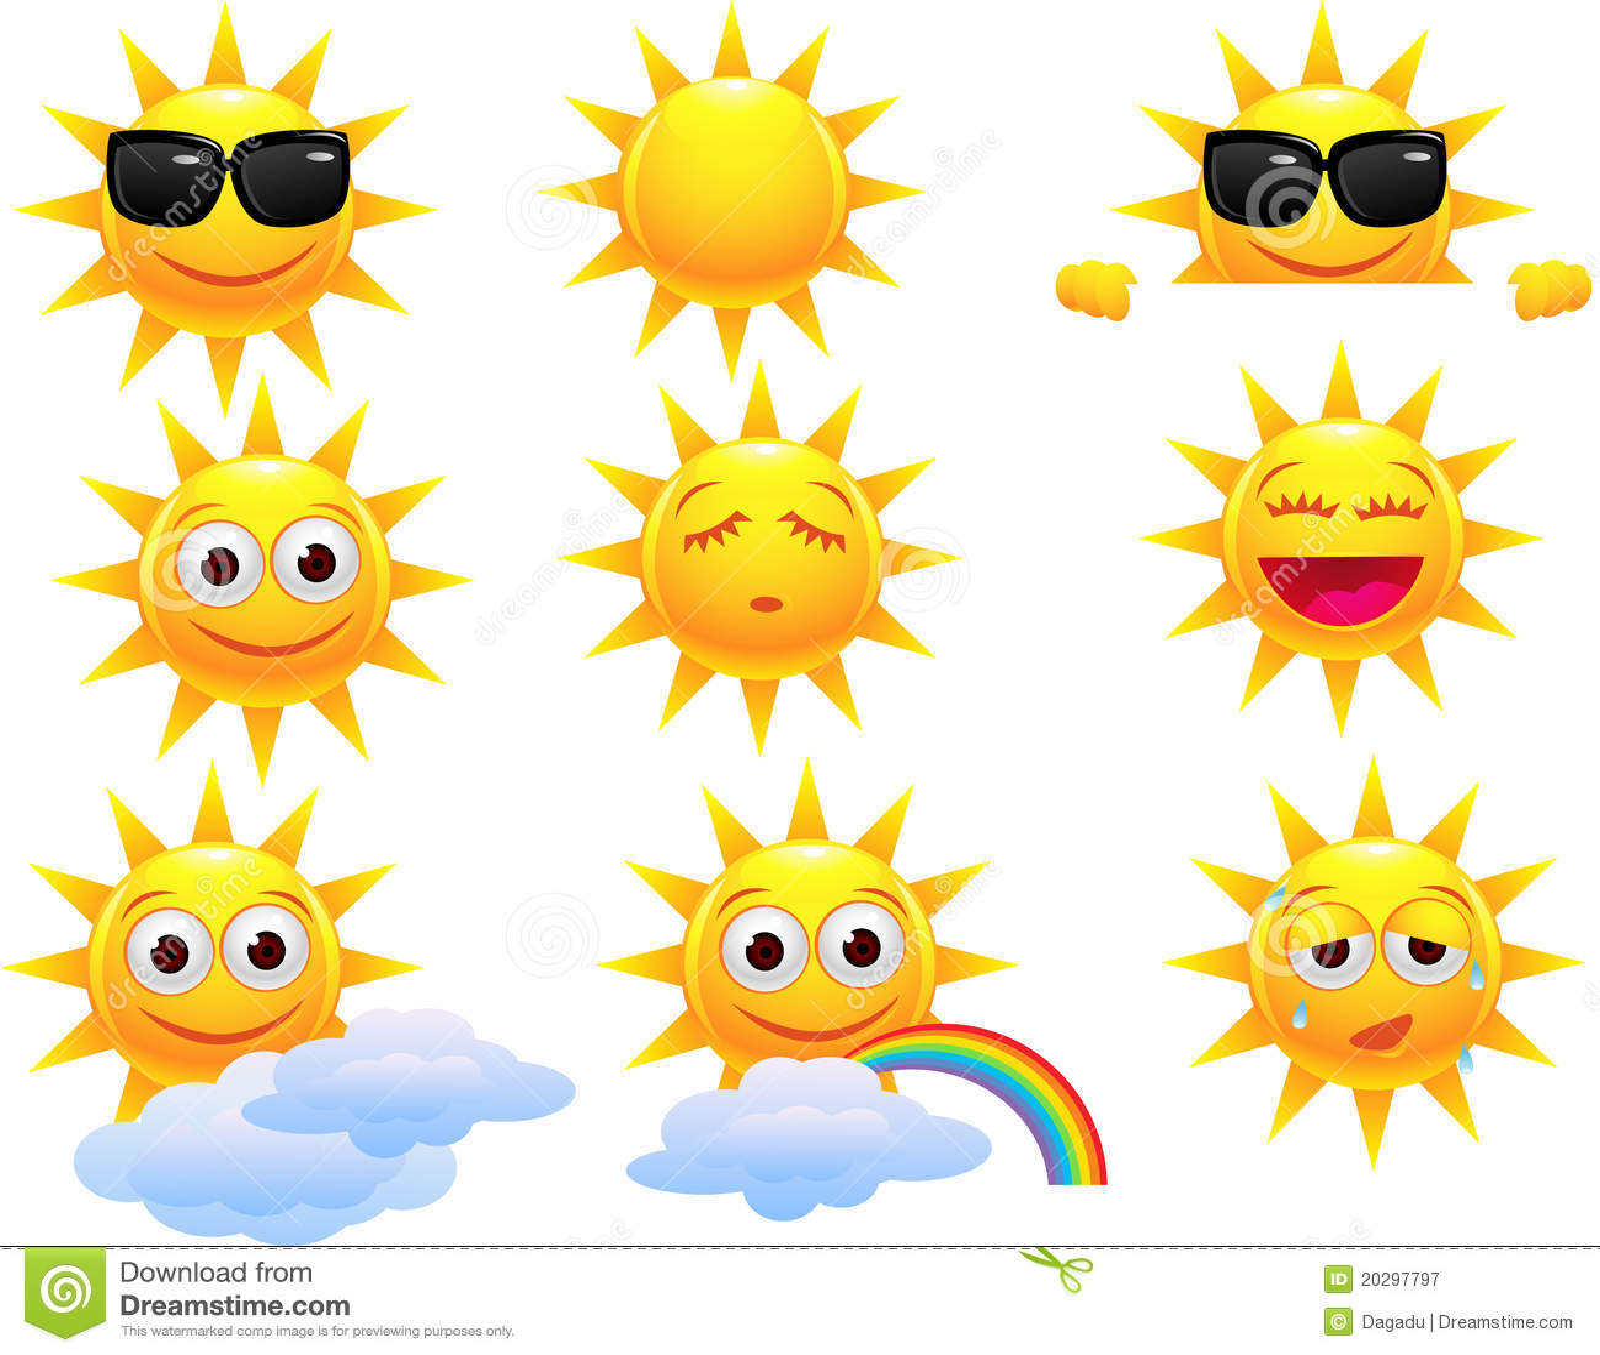 Personaggio dei cartoni animati di sun illustrazione